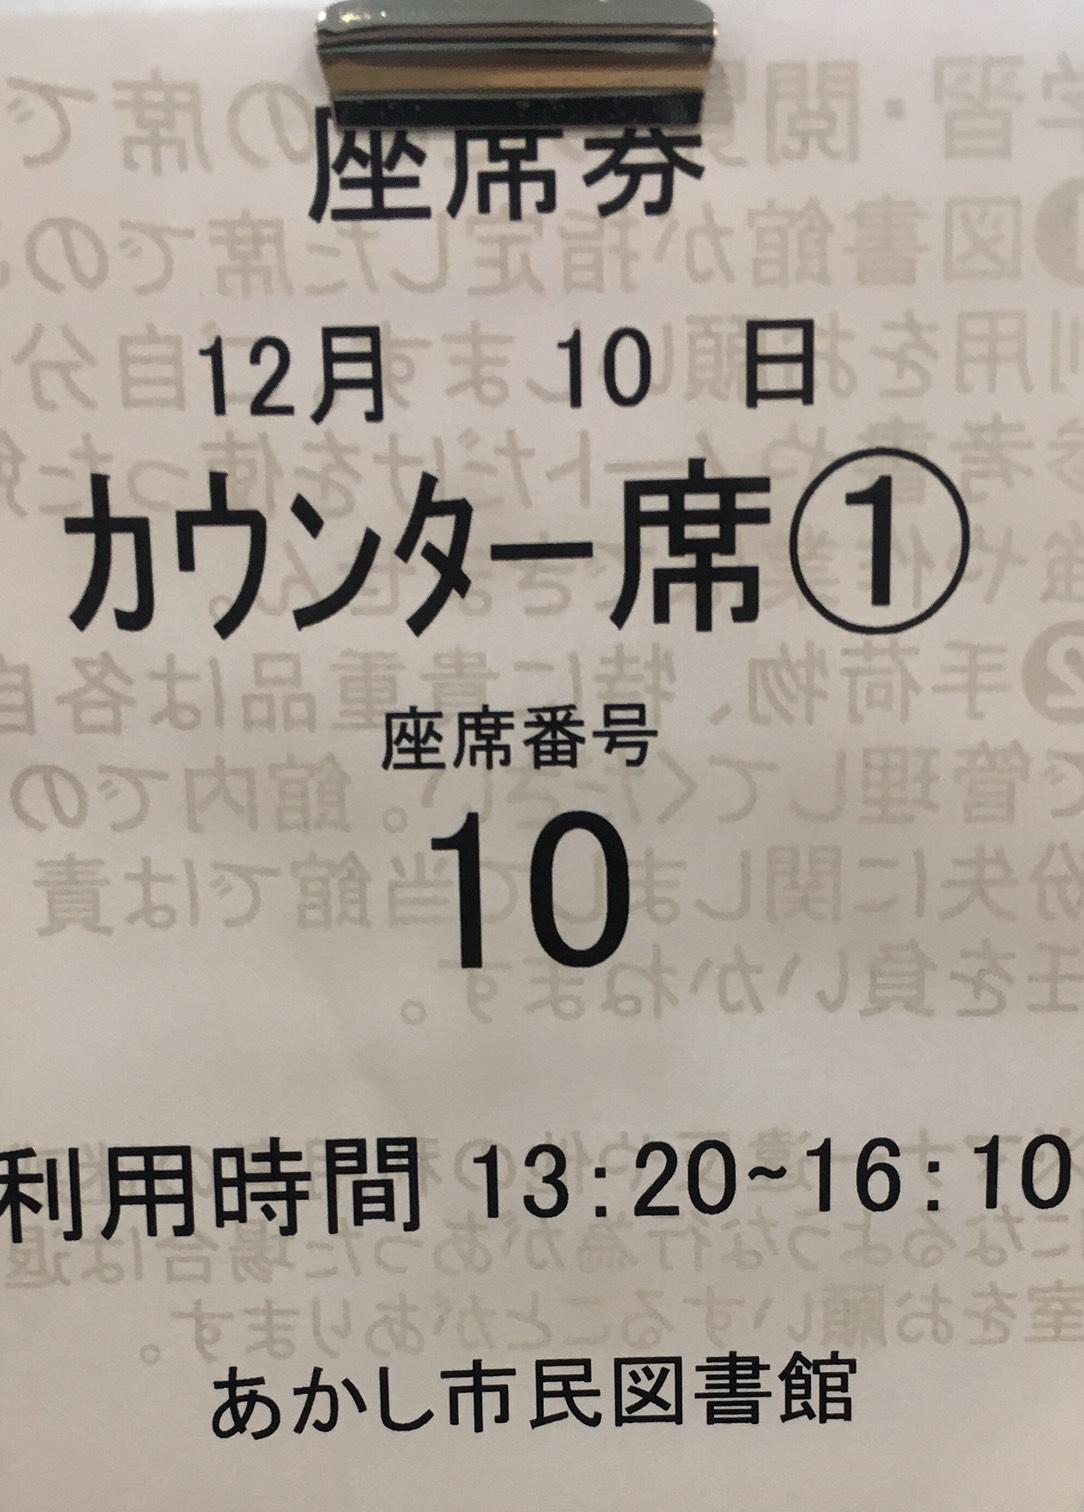 明石図書館の座席券